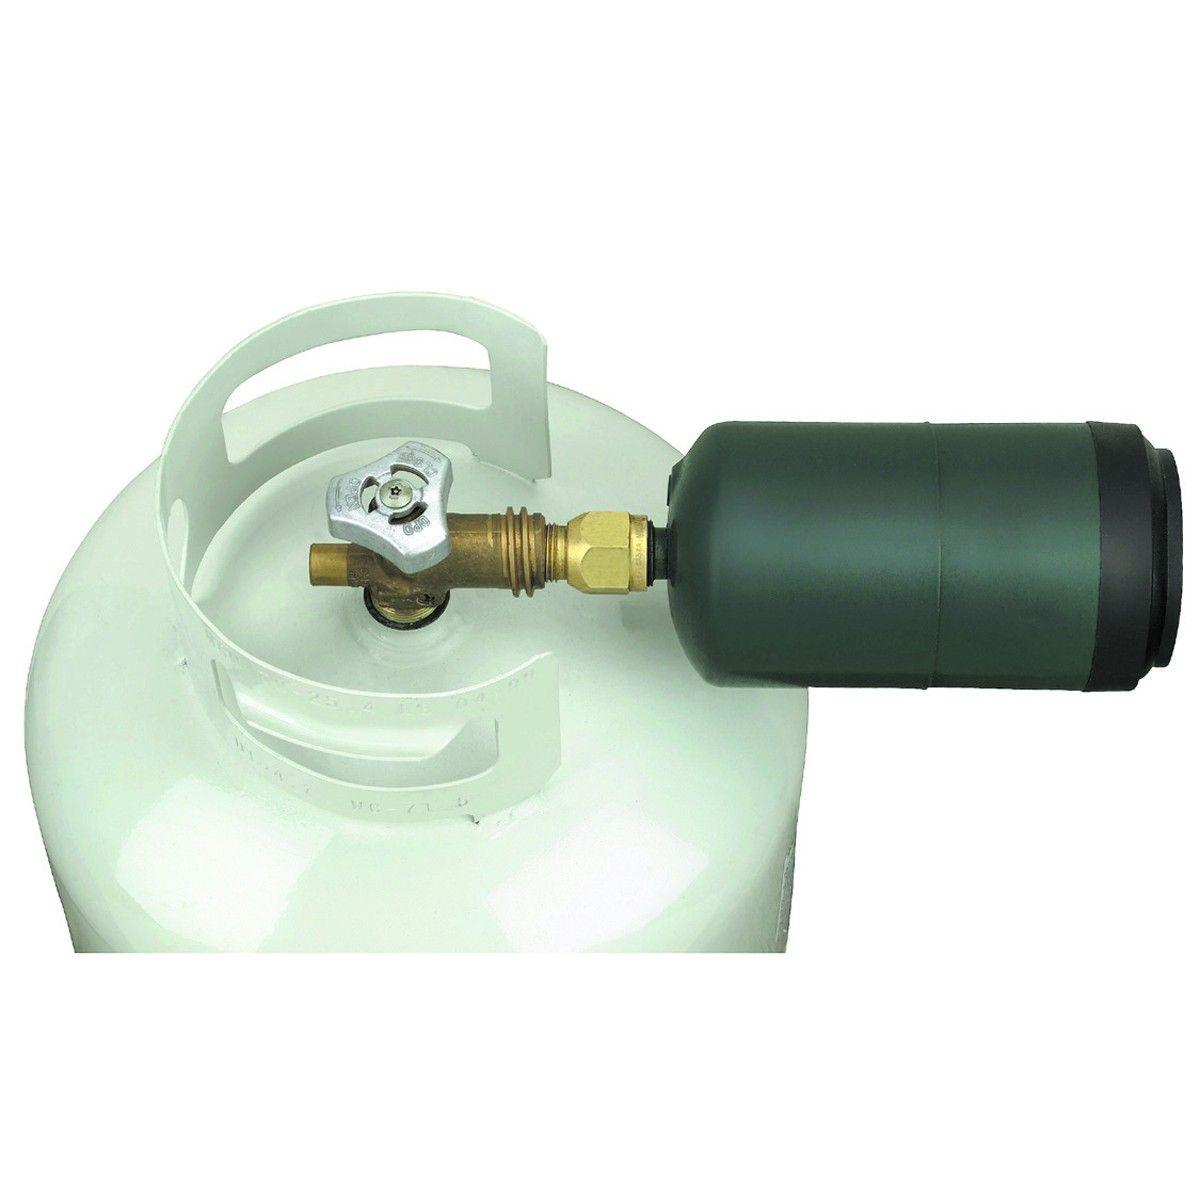 Propane Bottle Refill Valve Propane Propane Tank Bottle